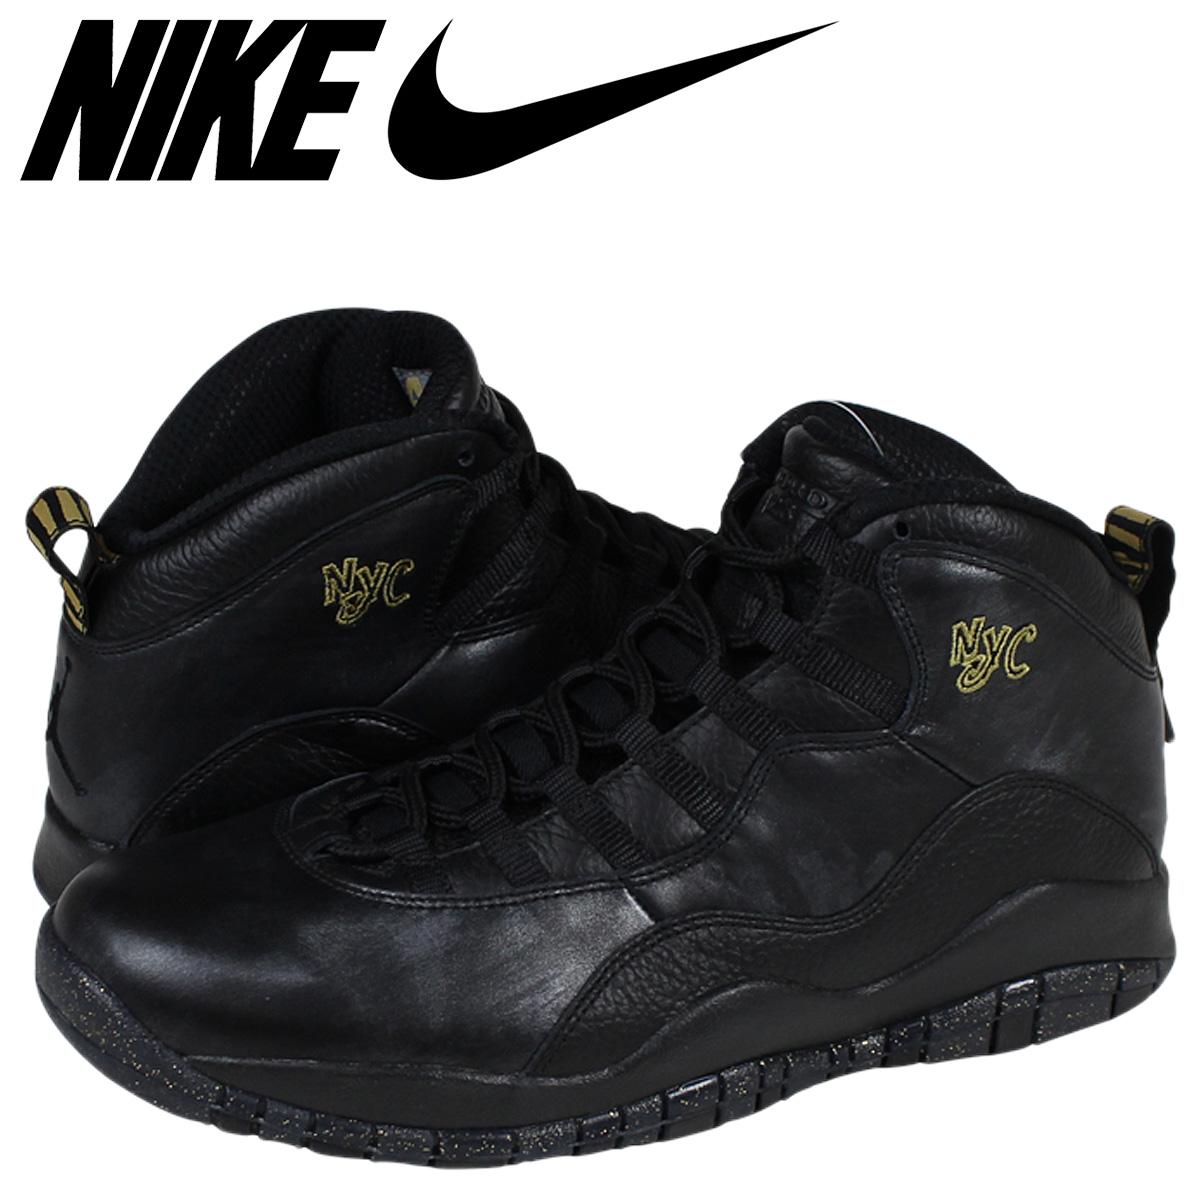 730fedefe505d9 NIKE Nike Air Jordan sneakers AIR JORDAN 10 RETRO NYC Air Jordan 10 retro  310805 - 012 black mens